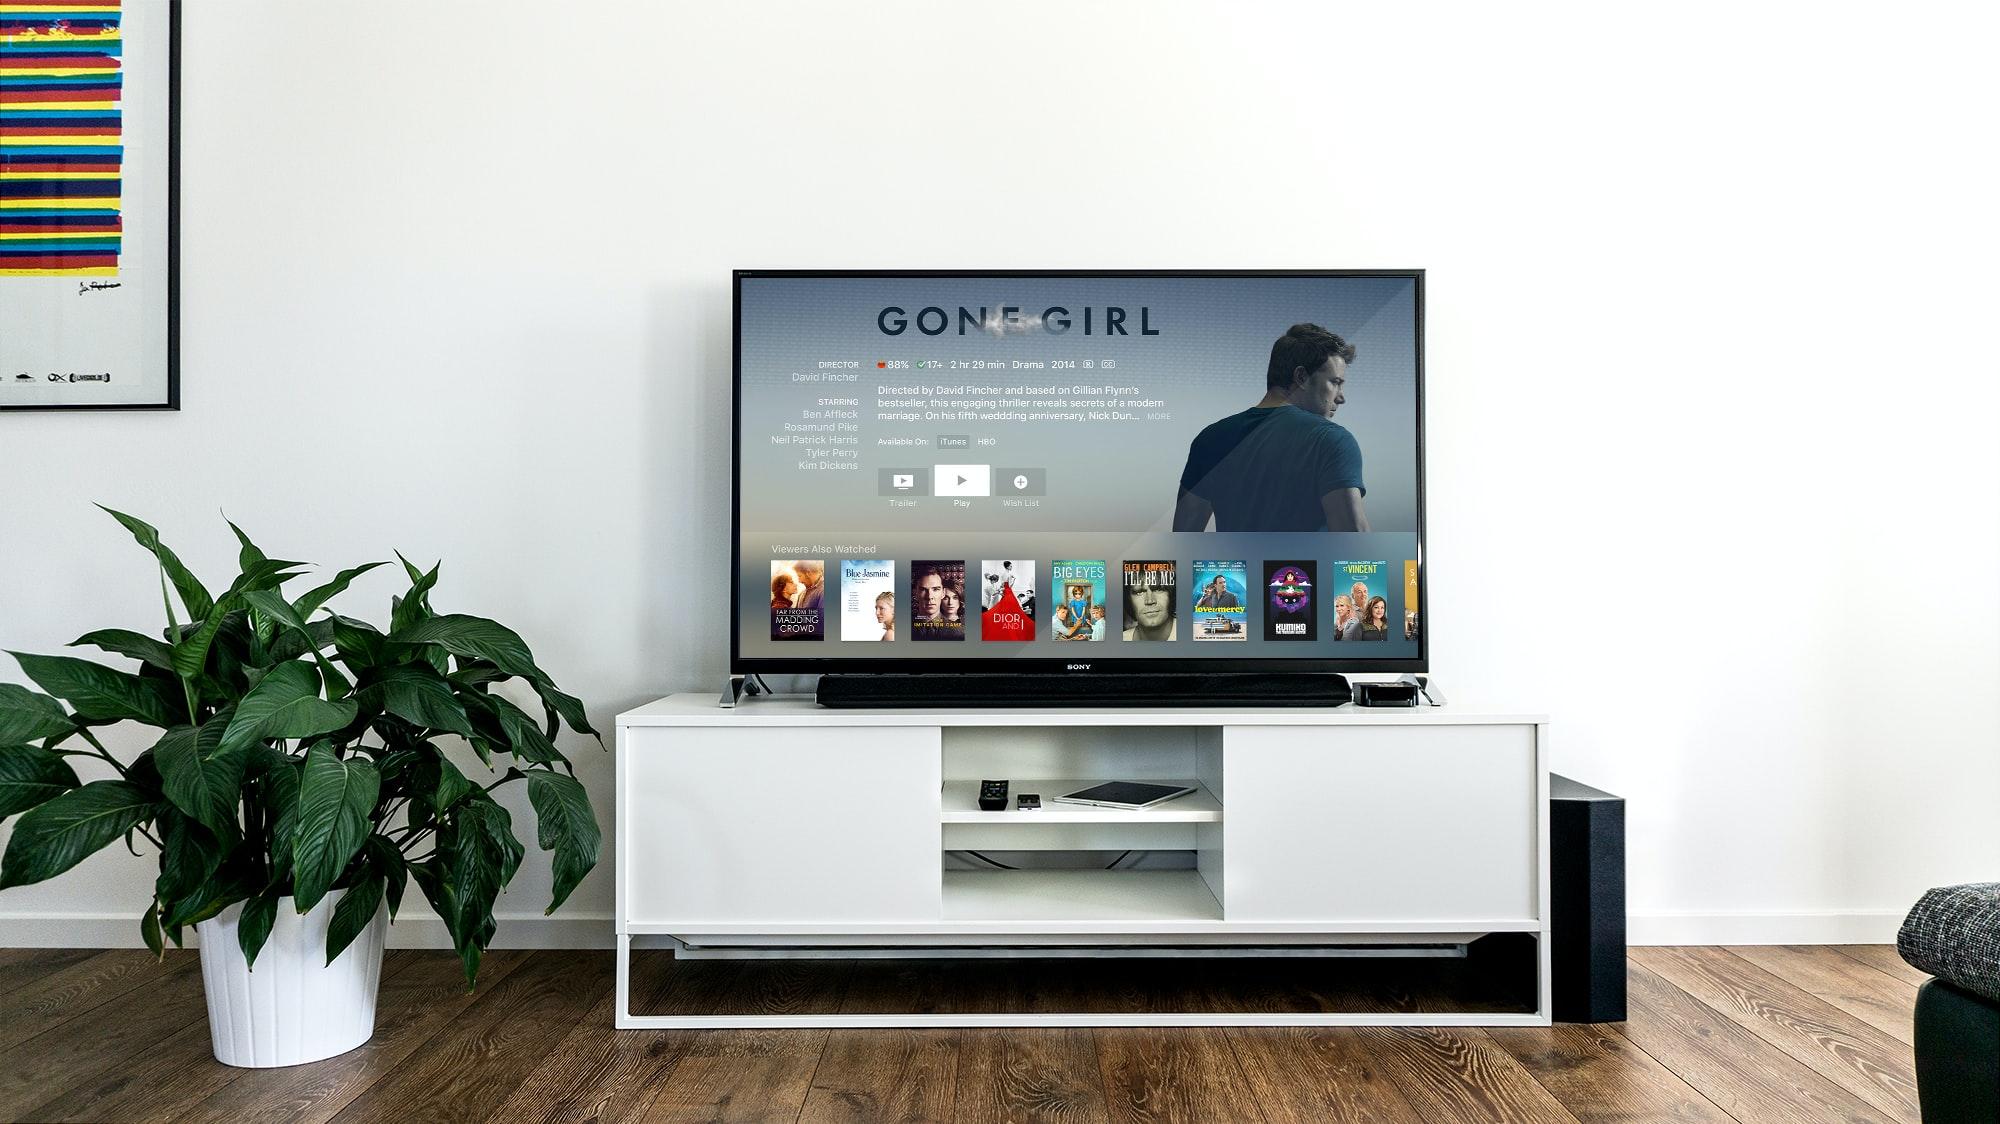 Aplicação Apple TV agora disponível em smart TVs Sony